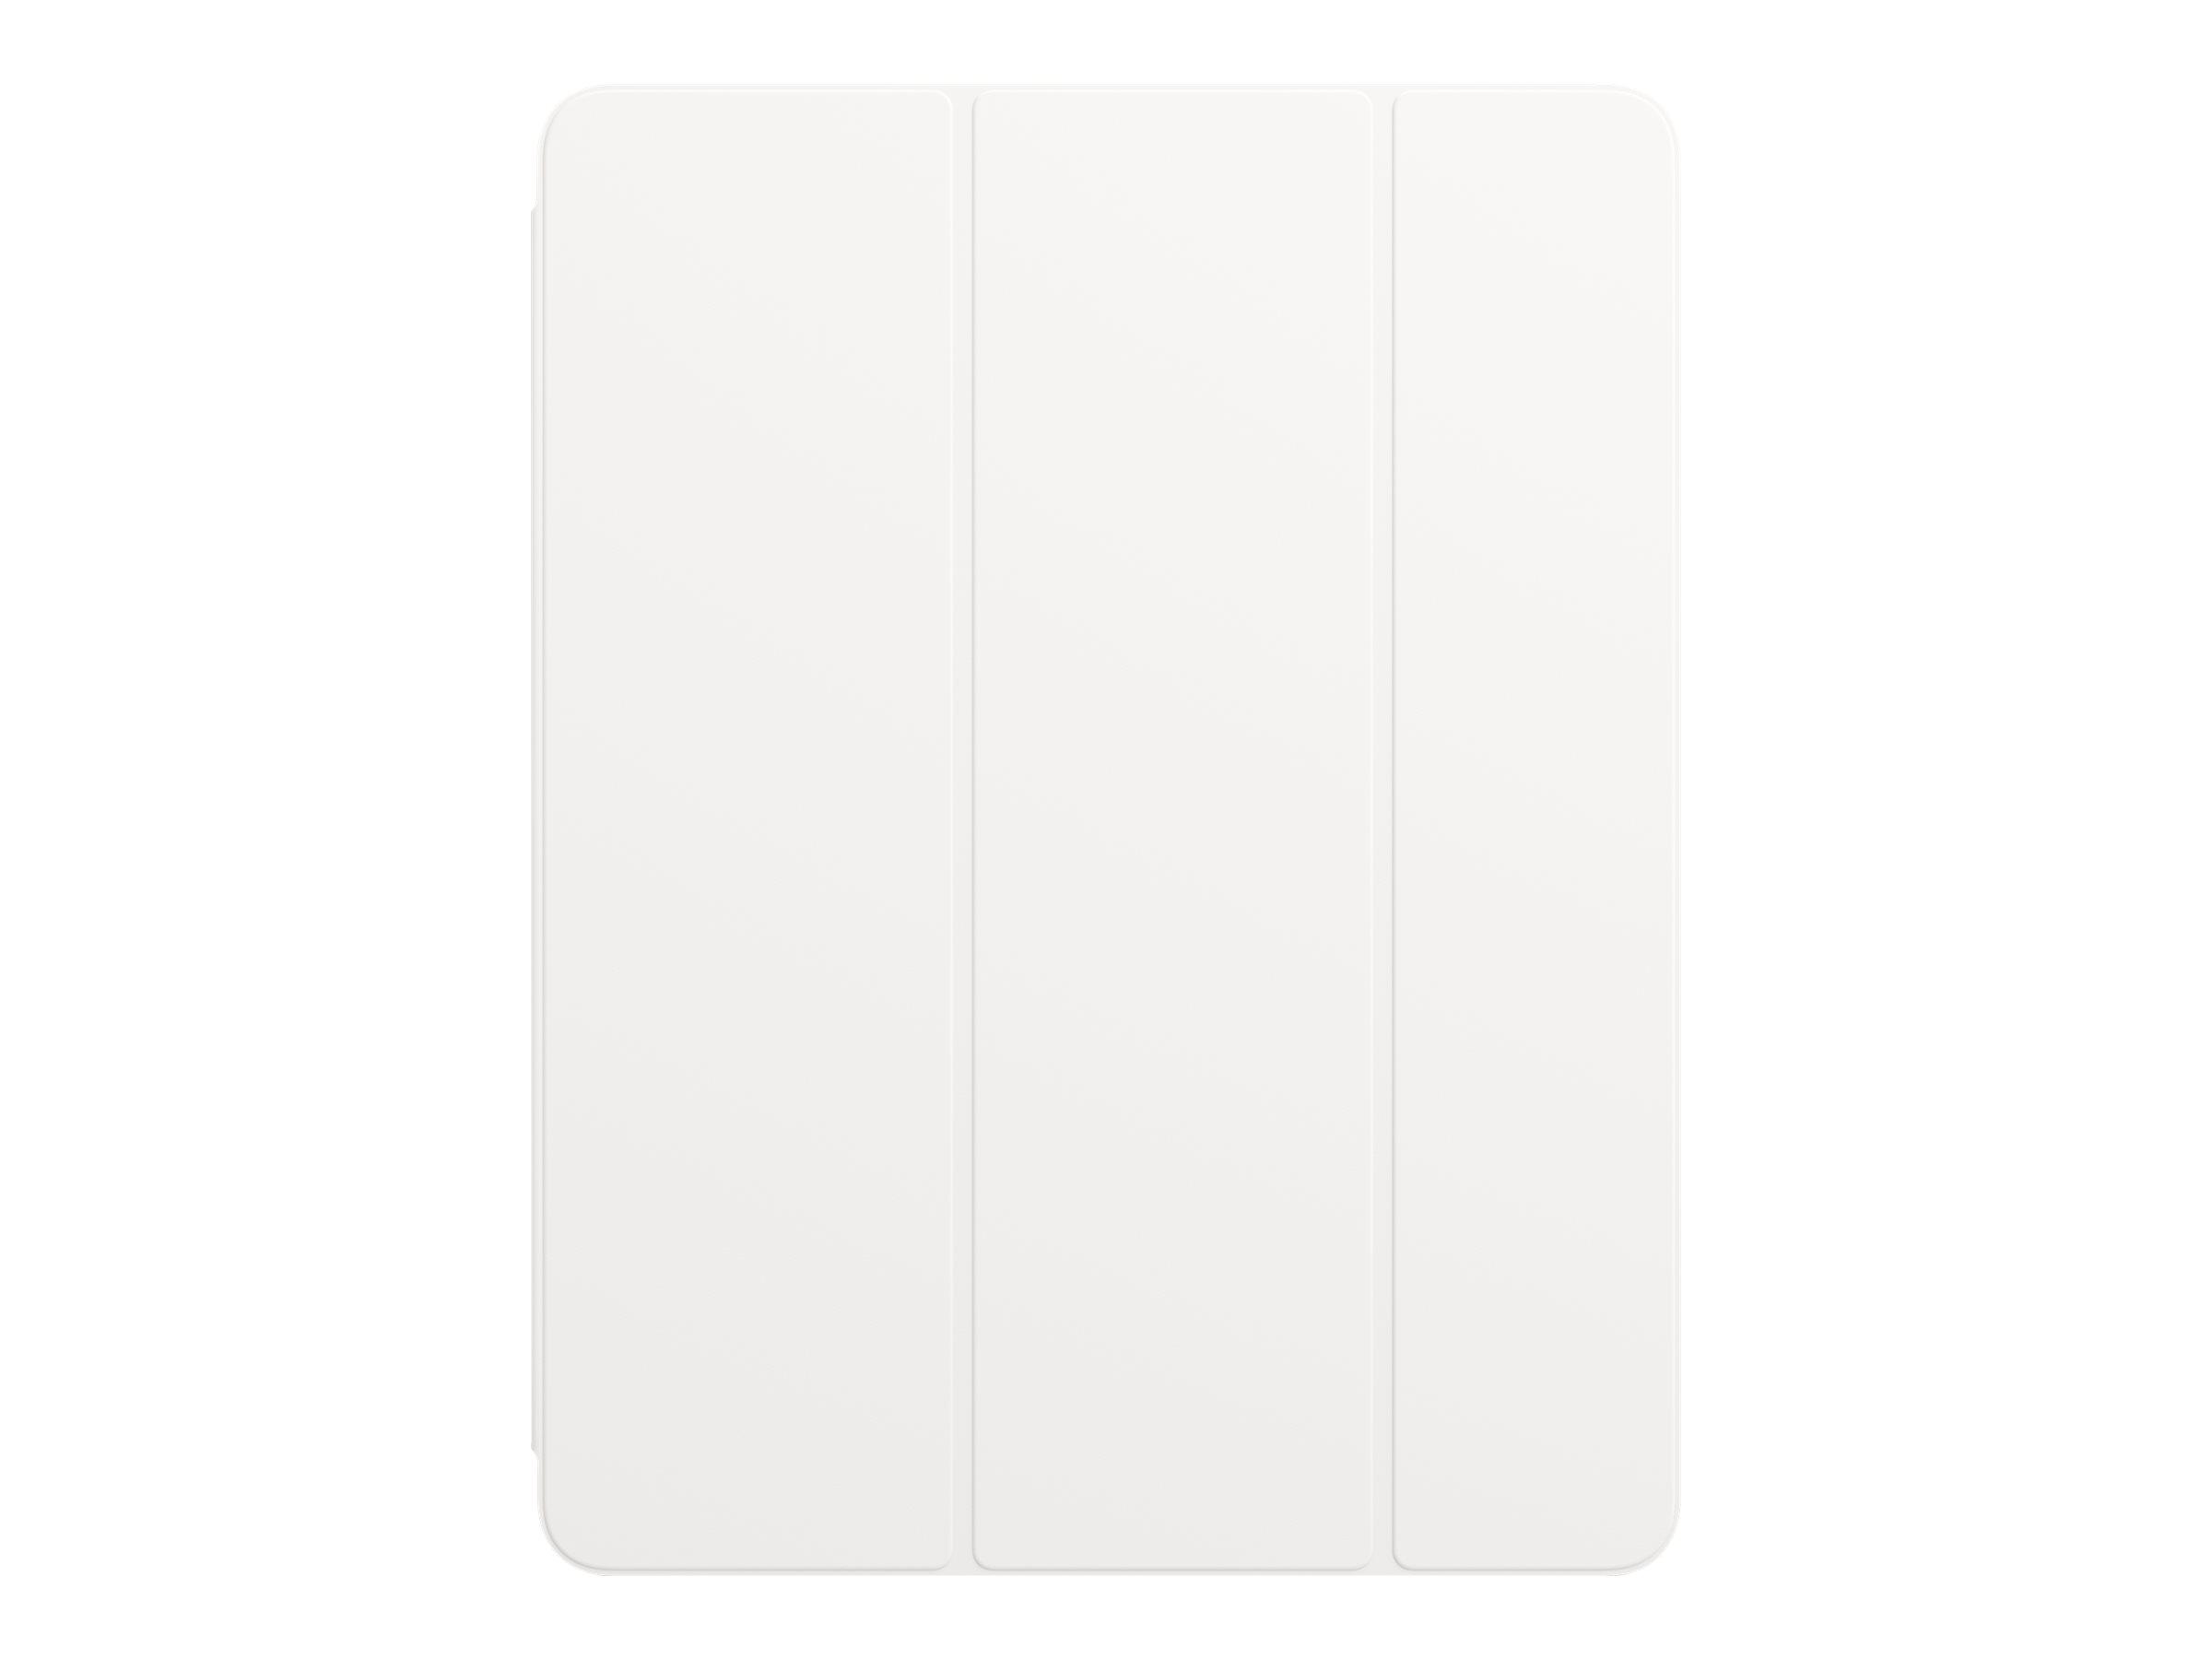 """Vorschau: Apple Smart Folio - Flip-Hülle für Tablet - Polyurethan - weiß - 12.9"""" - für 12.9-inch iPad Pro (3. Generation, 4. Generation)"""